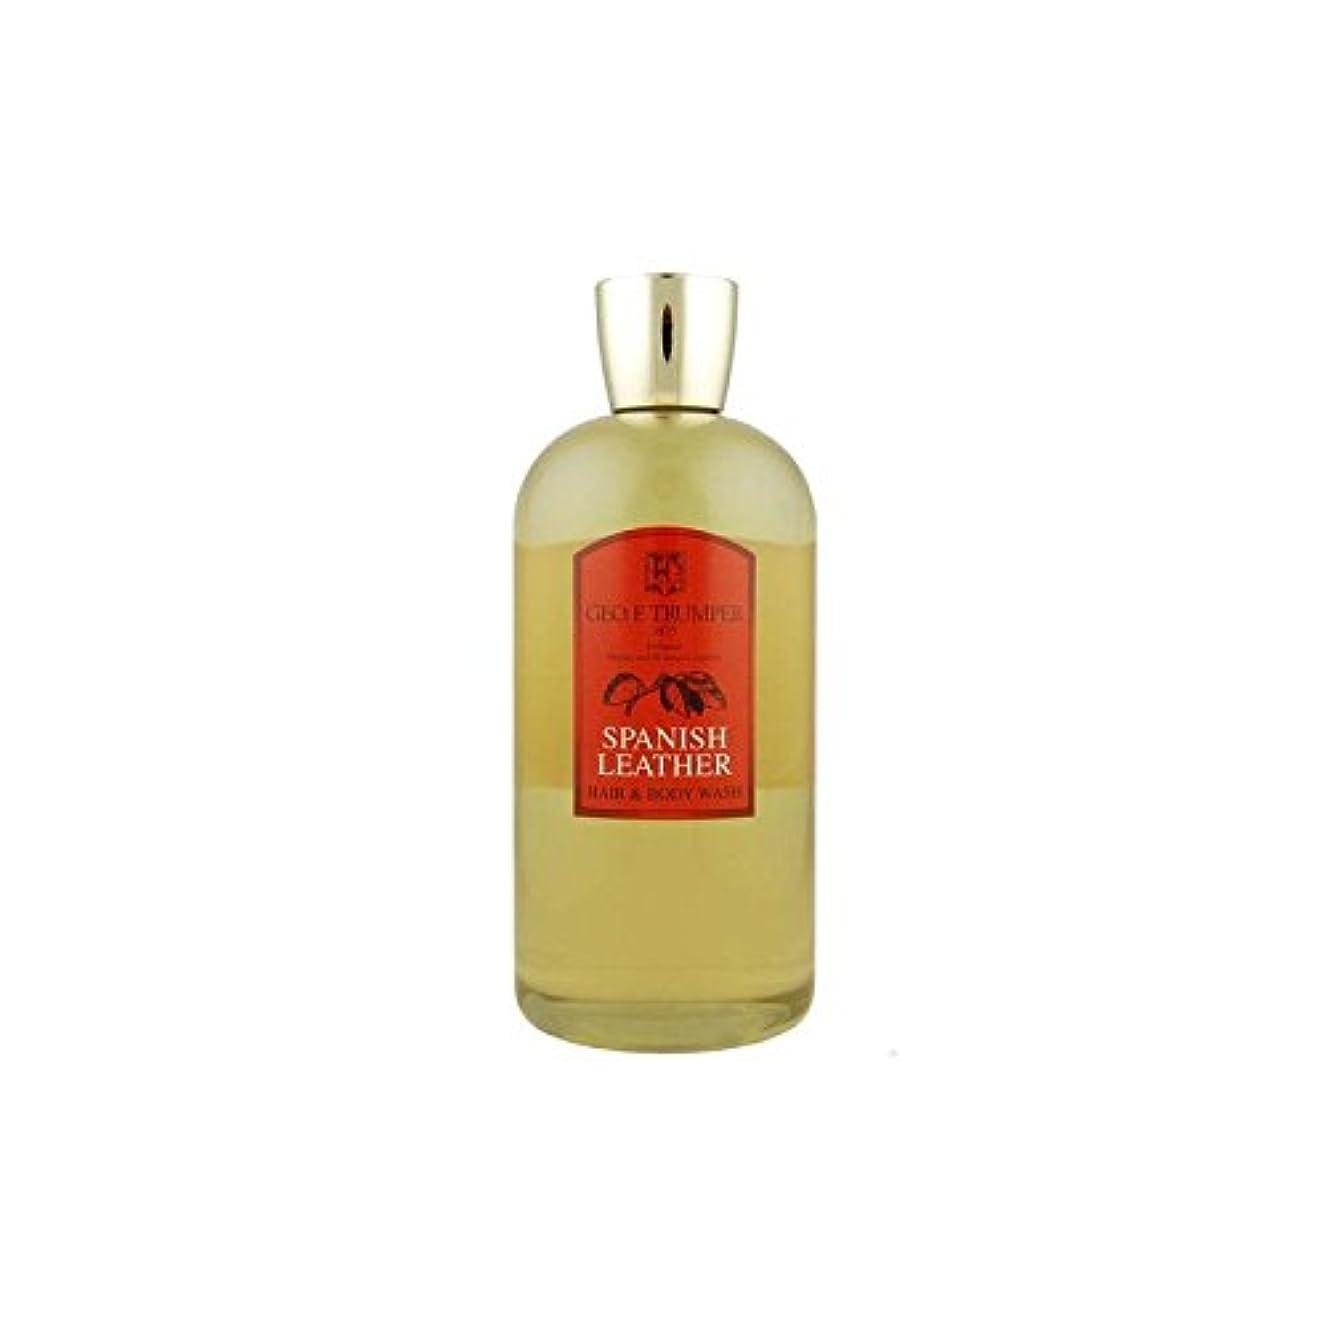 再生爆発物遠洋のTrumpers Spanish Leather Hair and Body Wash - 500mlTravel Bottle (Pack of 6) - 革の髪とボディウォッシュスペイン語 - 500ボトル x6 [...